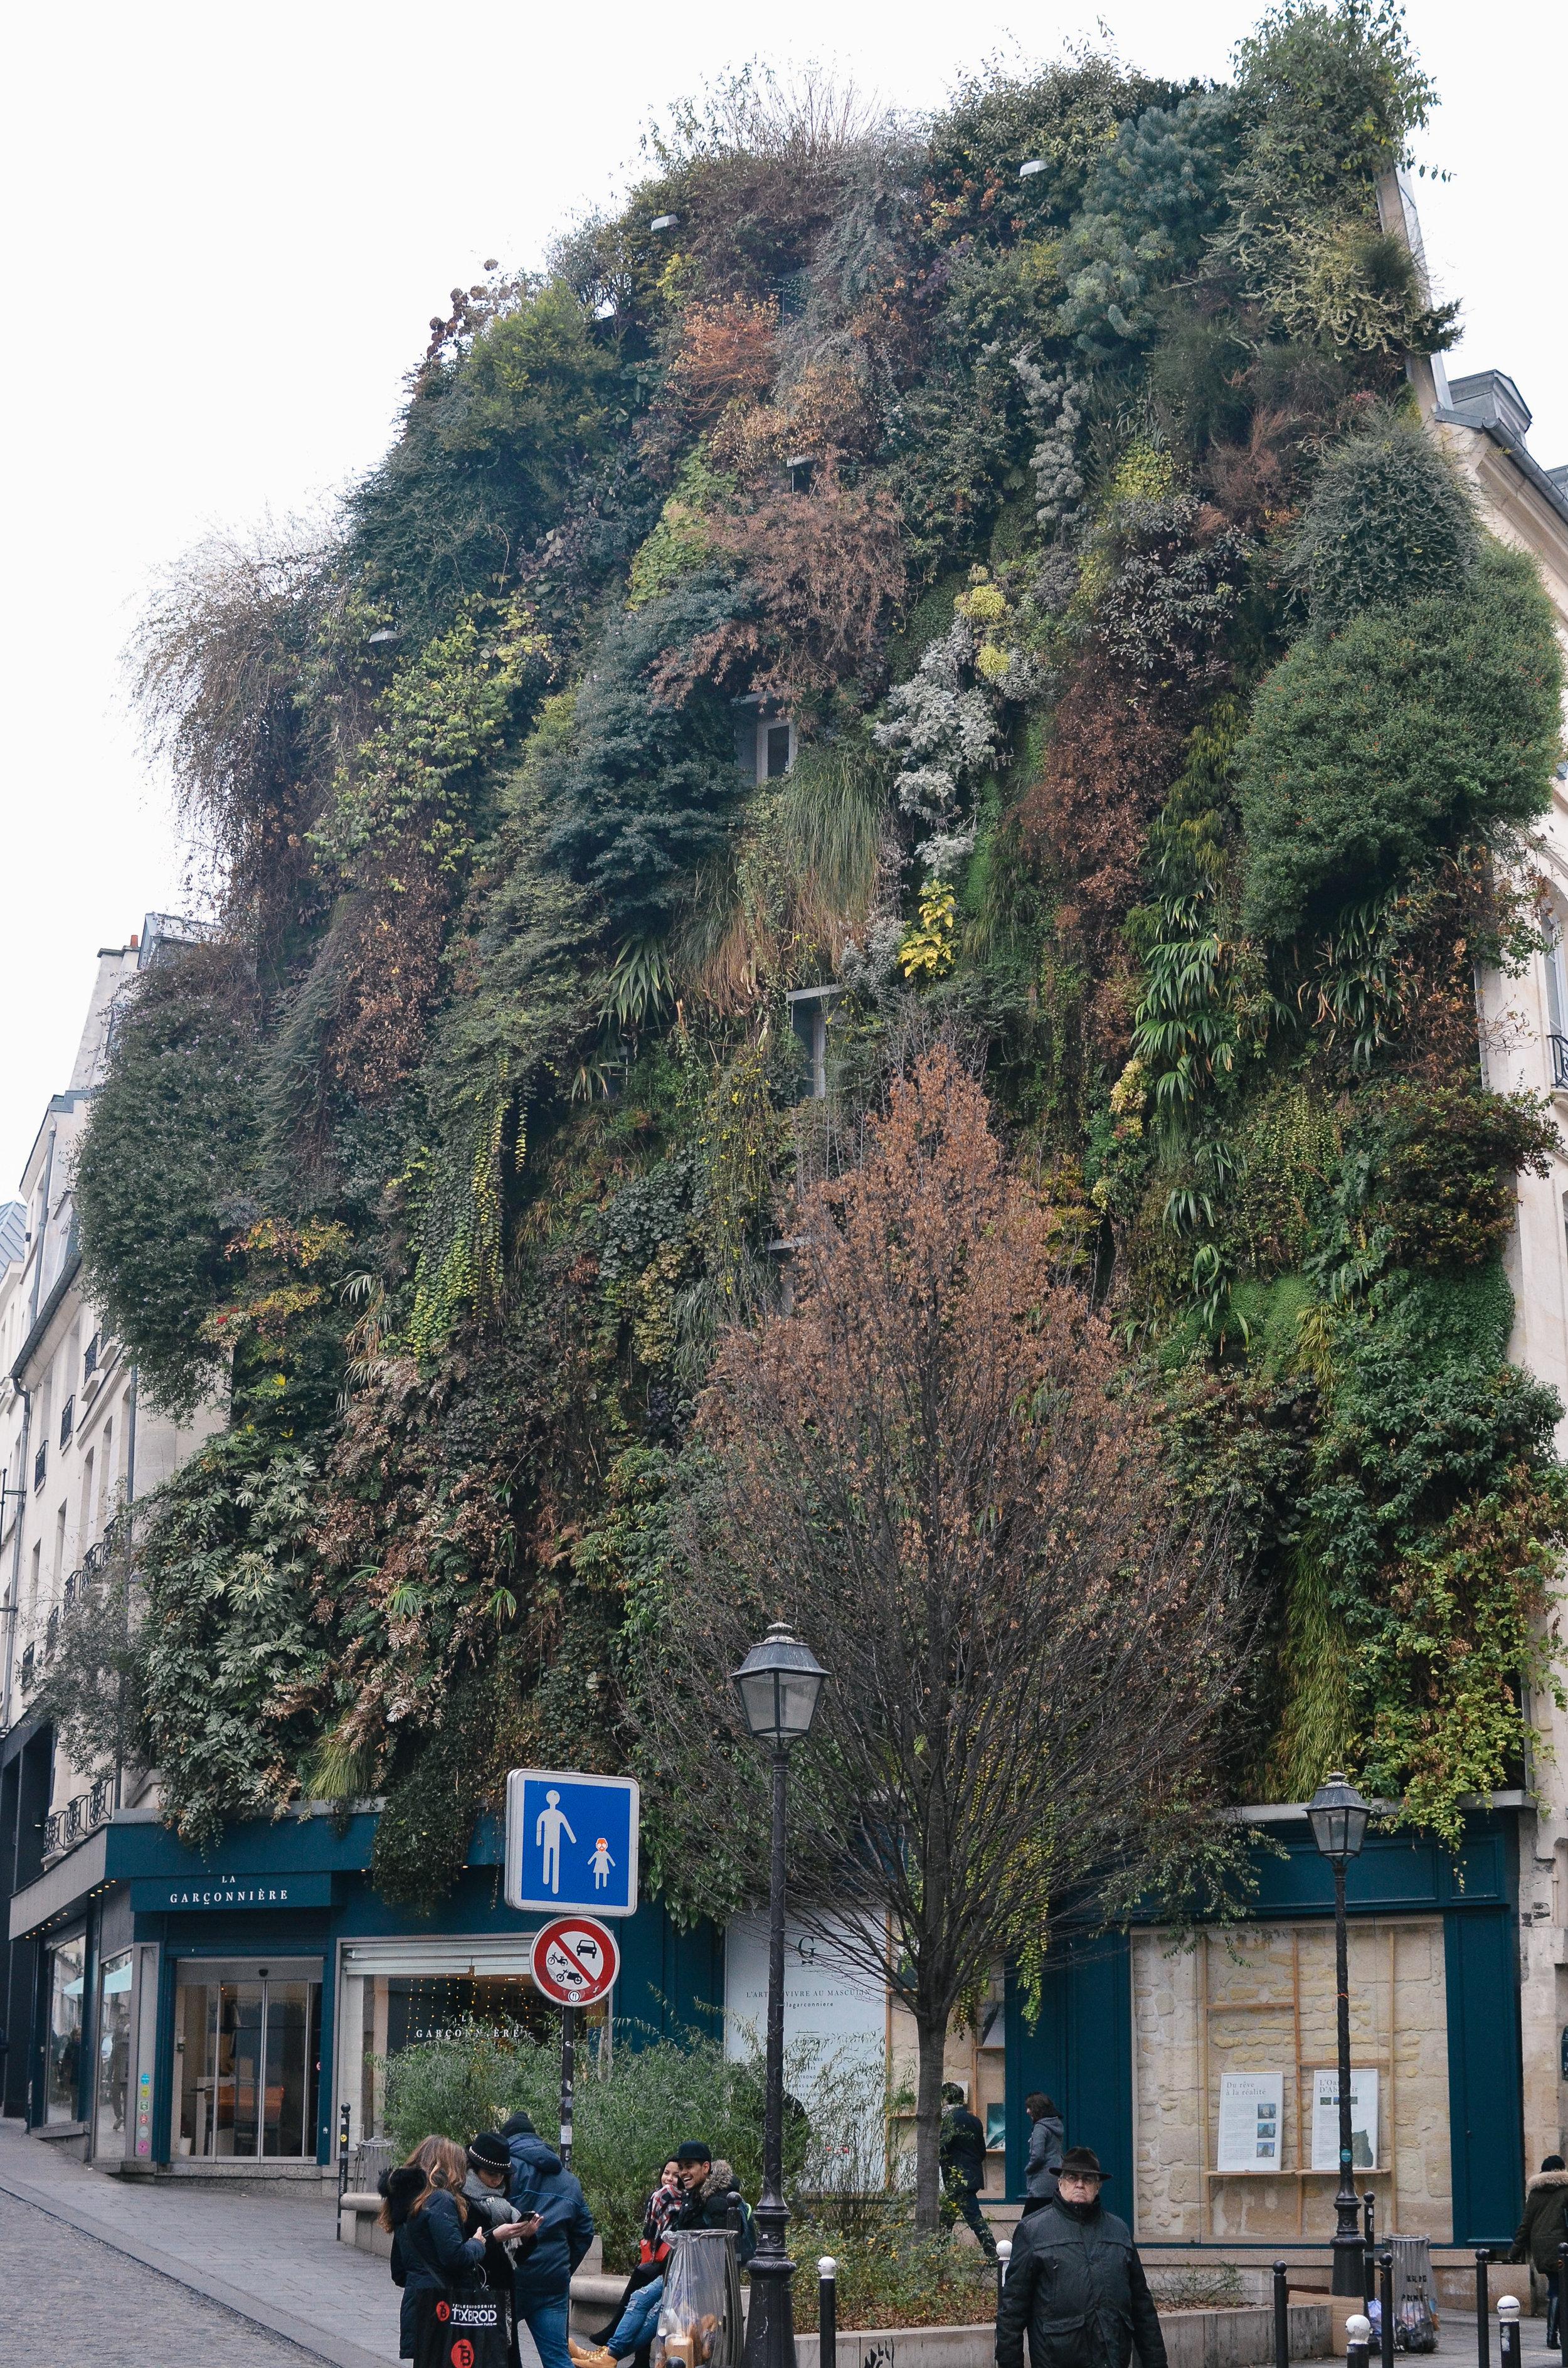 paris-france-travel-guide-lifeonpine_DSC_0432.jpg